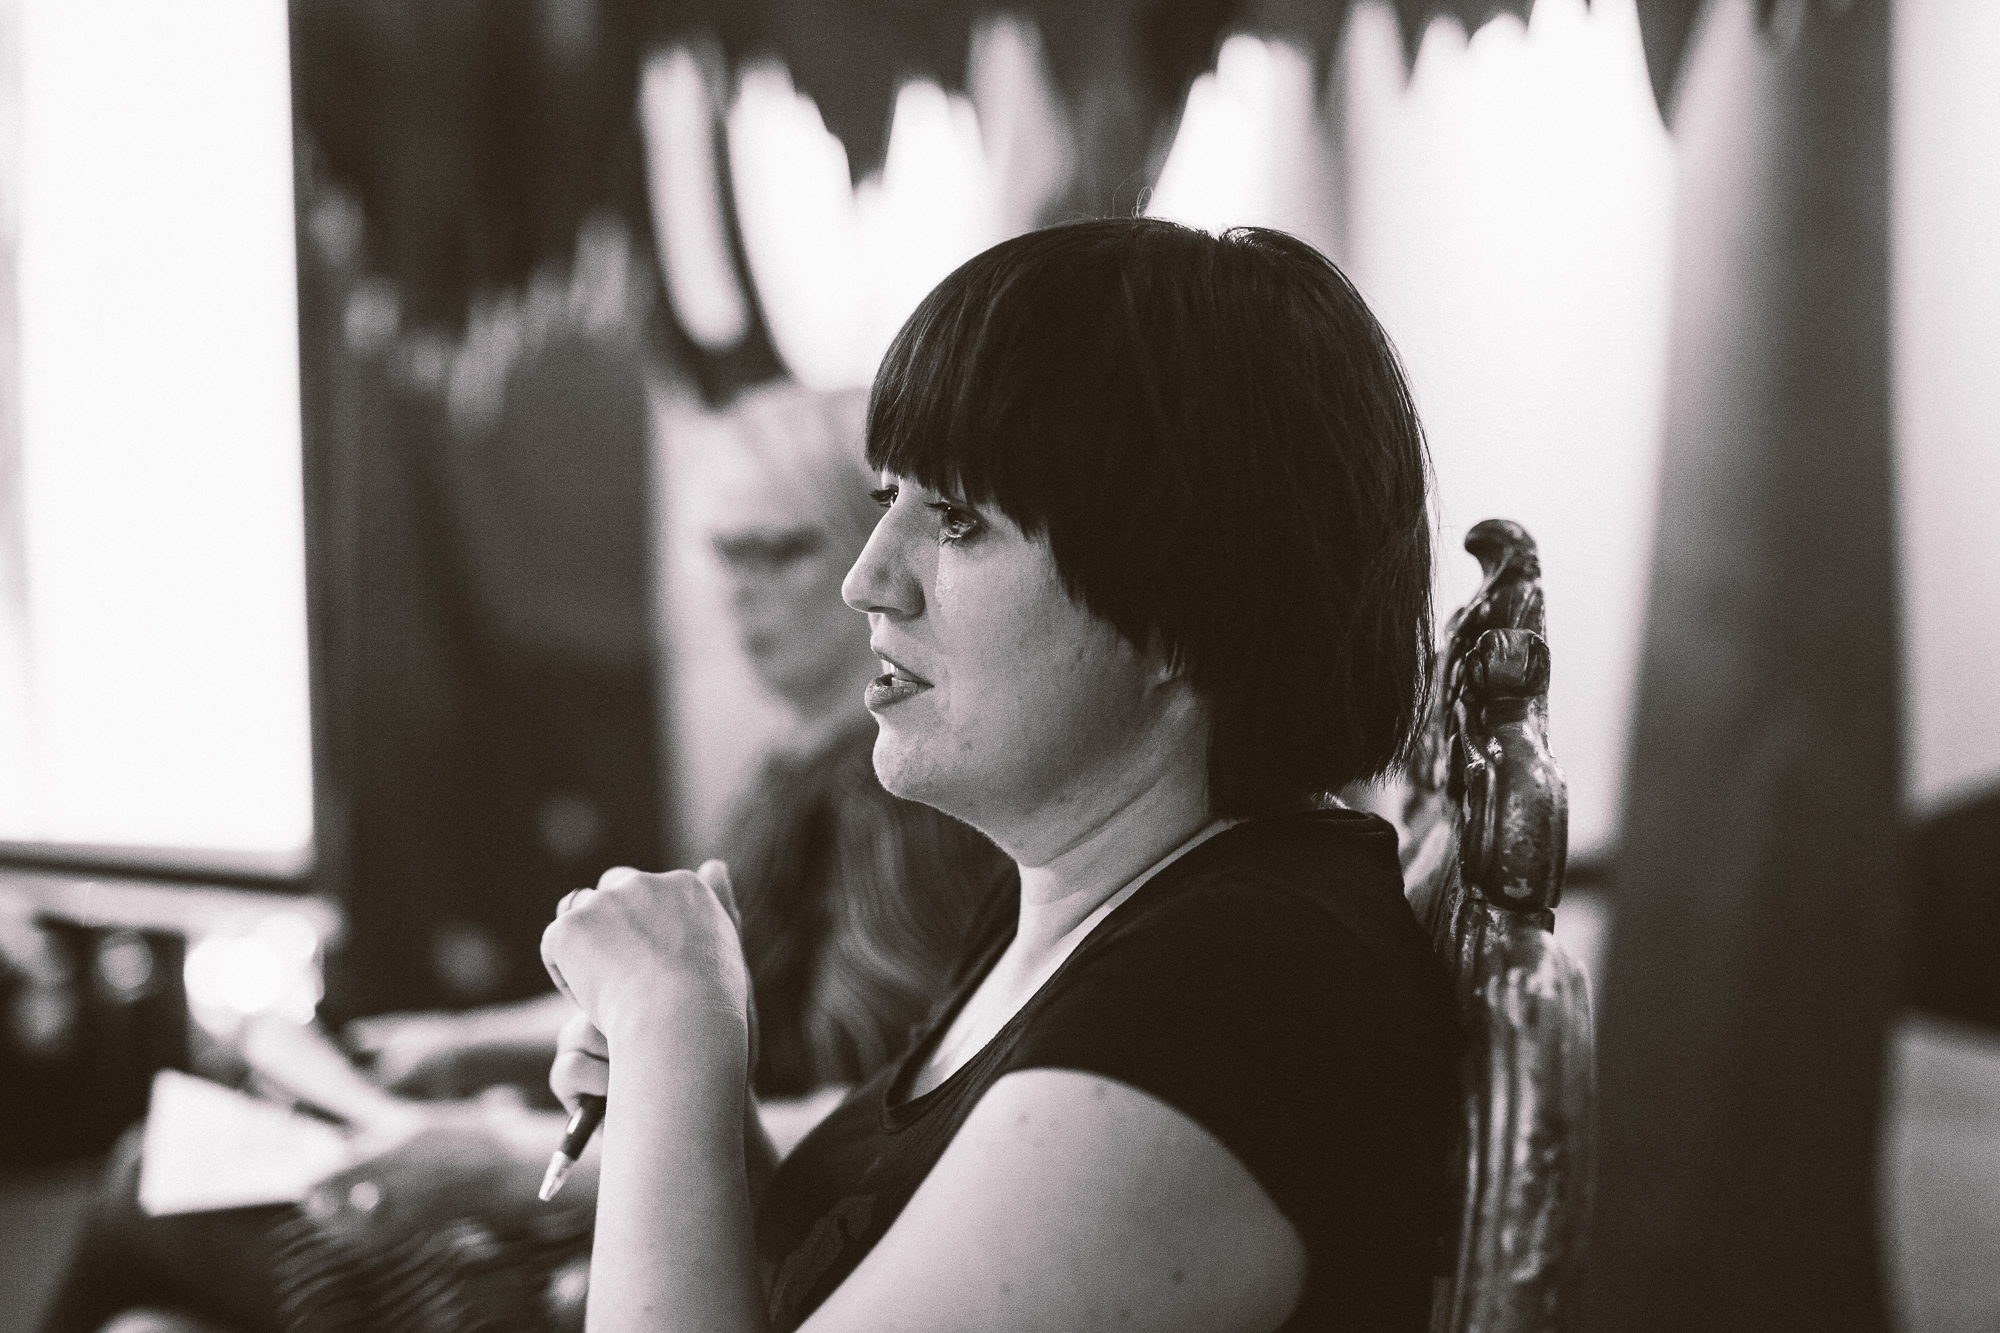 Taide työelämässä- seminaarin puhujana yhdessä työparini konsultti Marita Raitarannan kanssa 5.10.2017, case-esittelymme Taiteen ja konsultaation kohtaamisesta kaupunkiorganisaatiossa, kuva: Johannes Romppanen